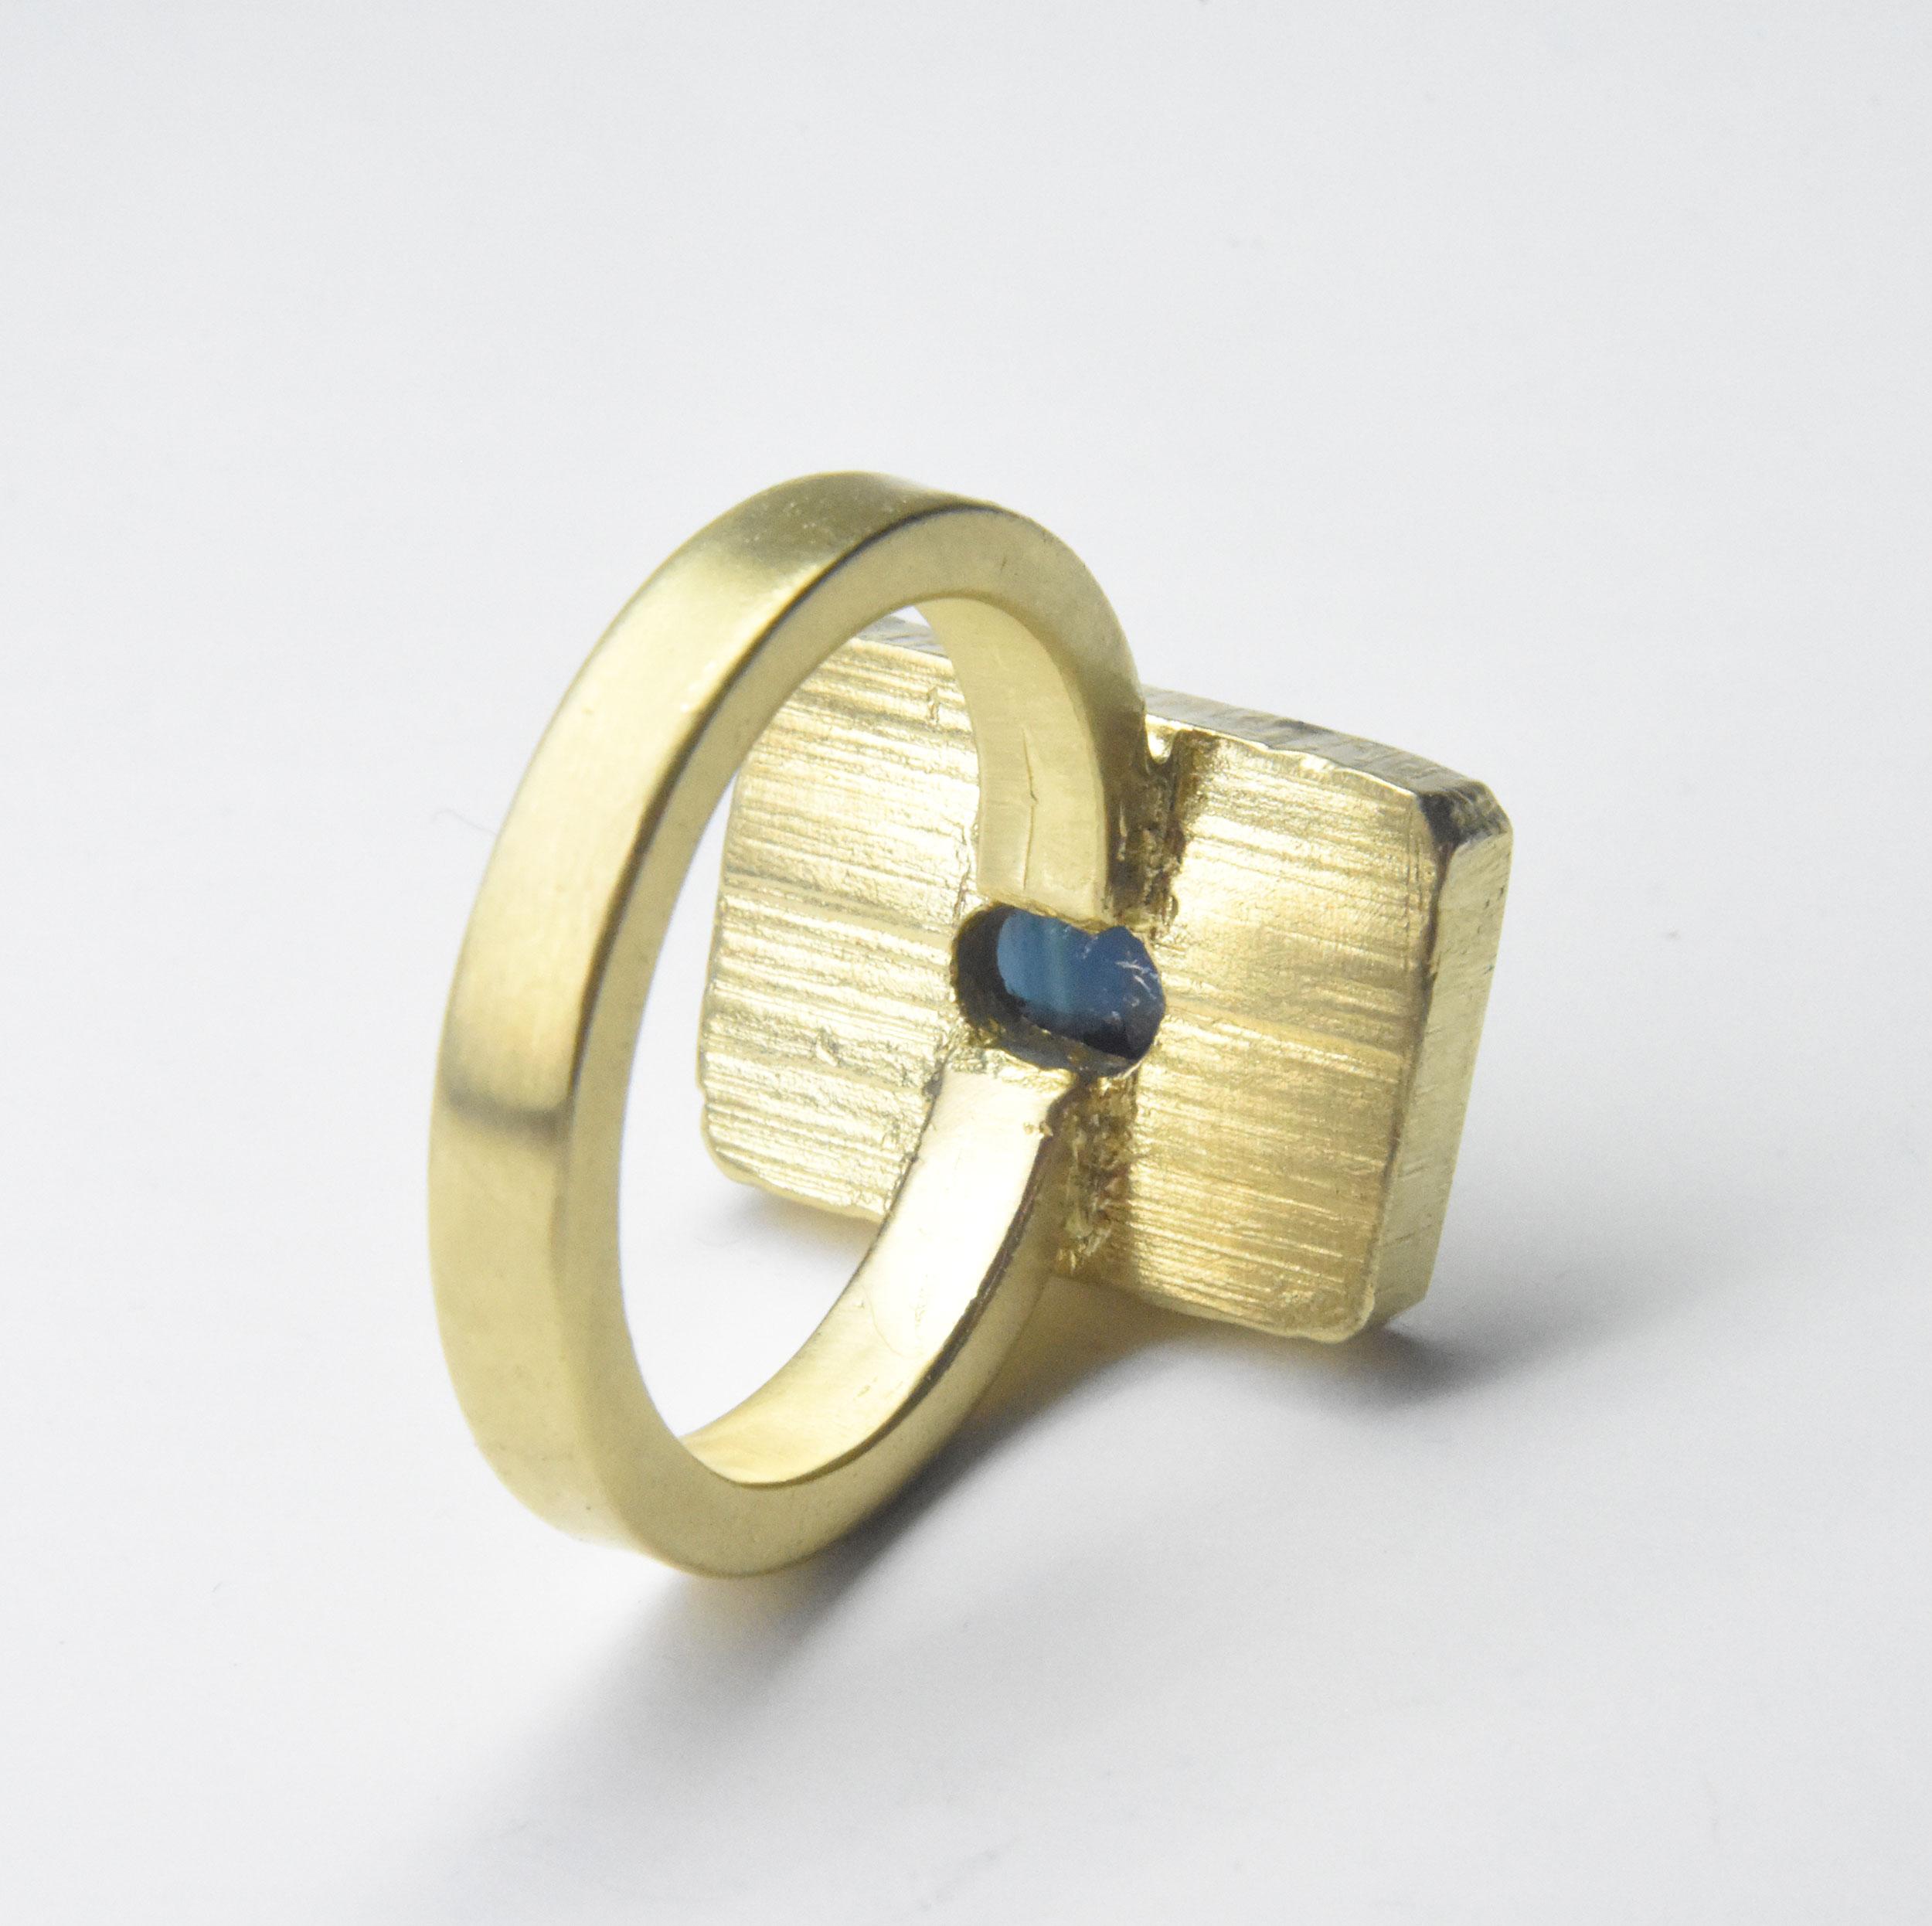 sugarloaf 2 ring